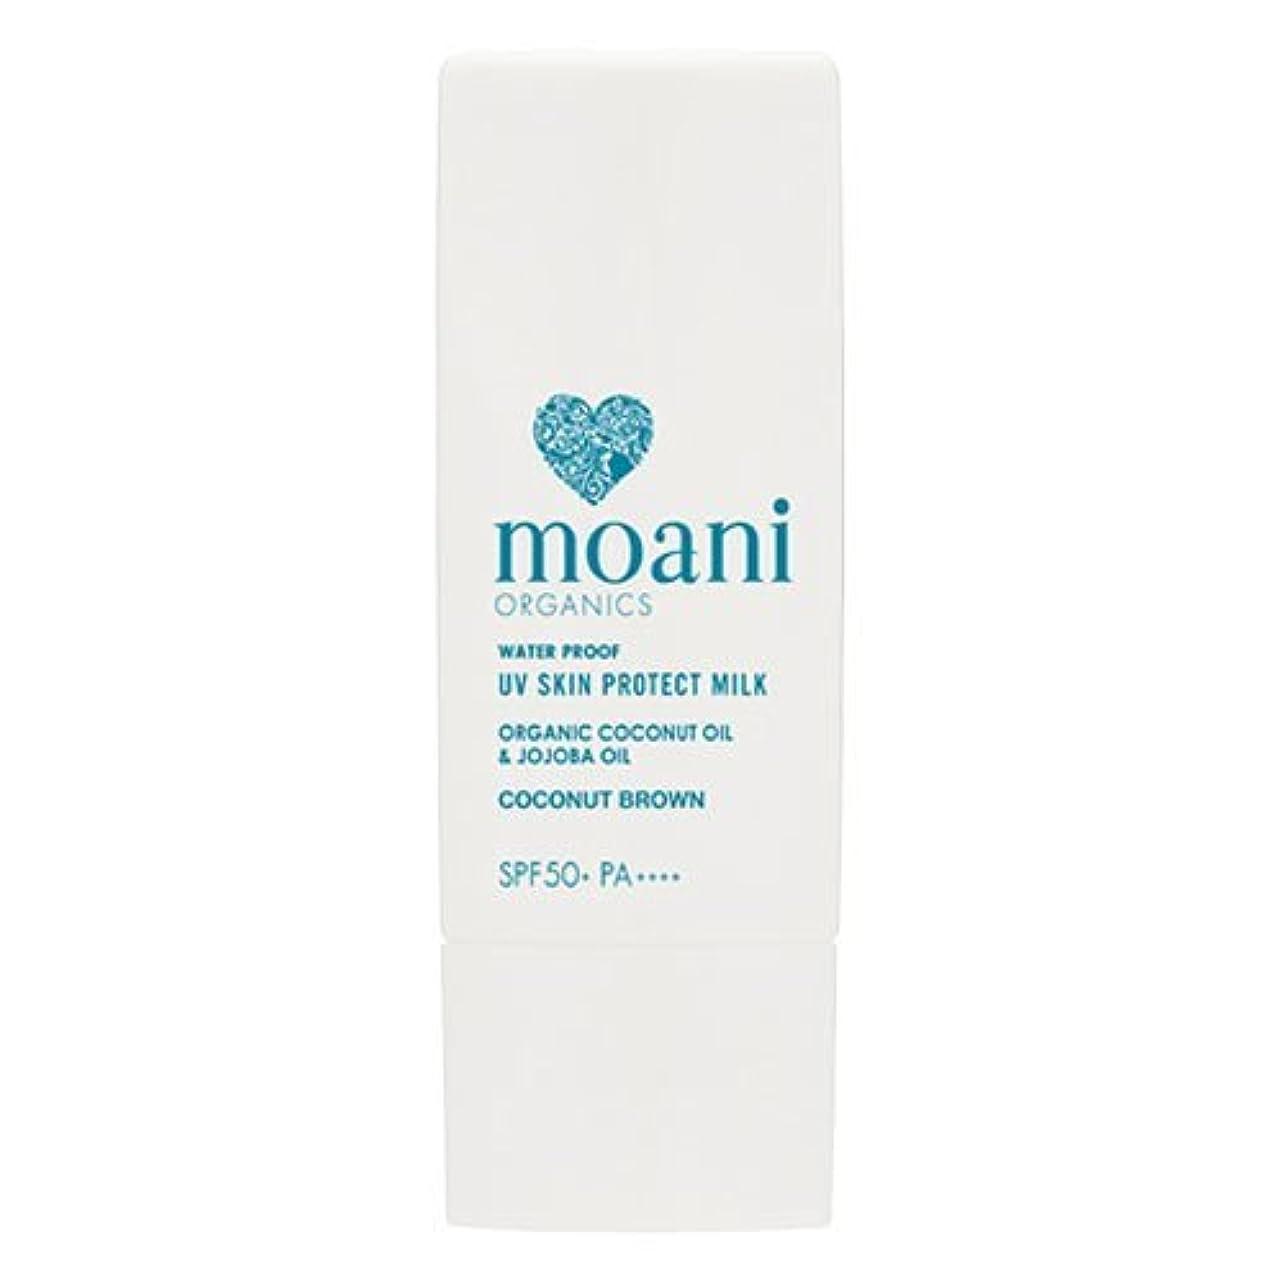 染料ブラウザメッシュmoani organics UV SKIN PROTECT MILK coconut brown(顔用日焼け止め)